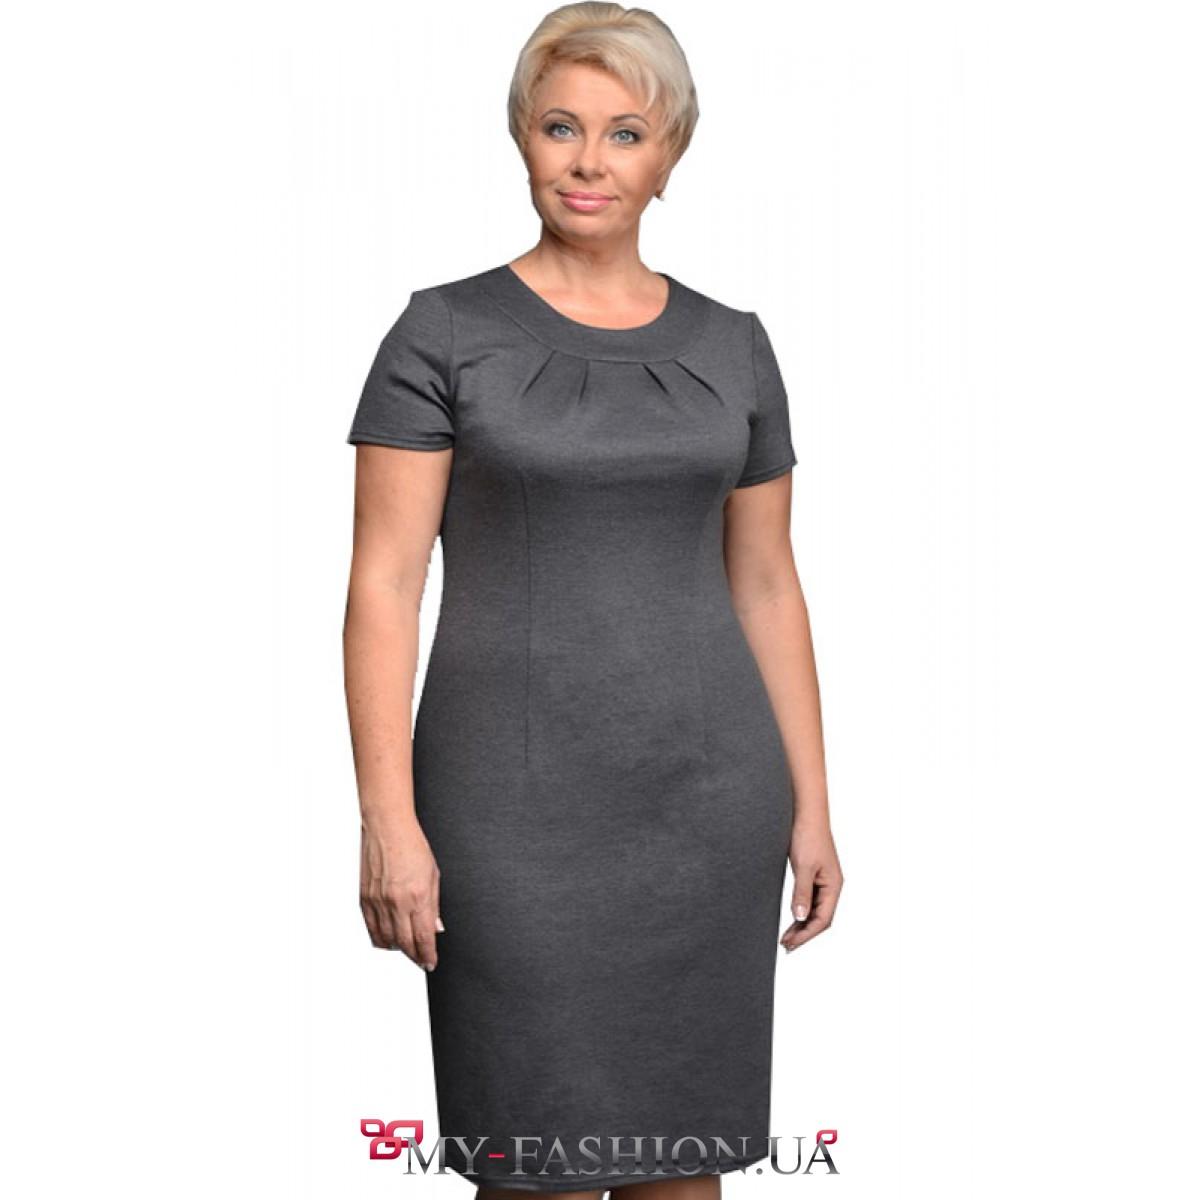 Платья трикотажные 48 размер